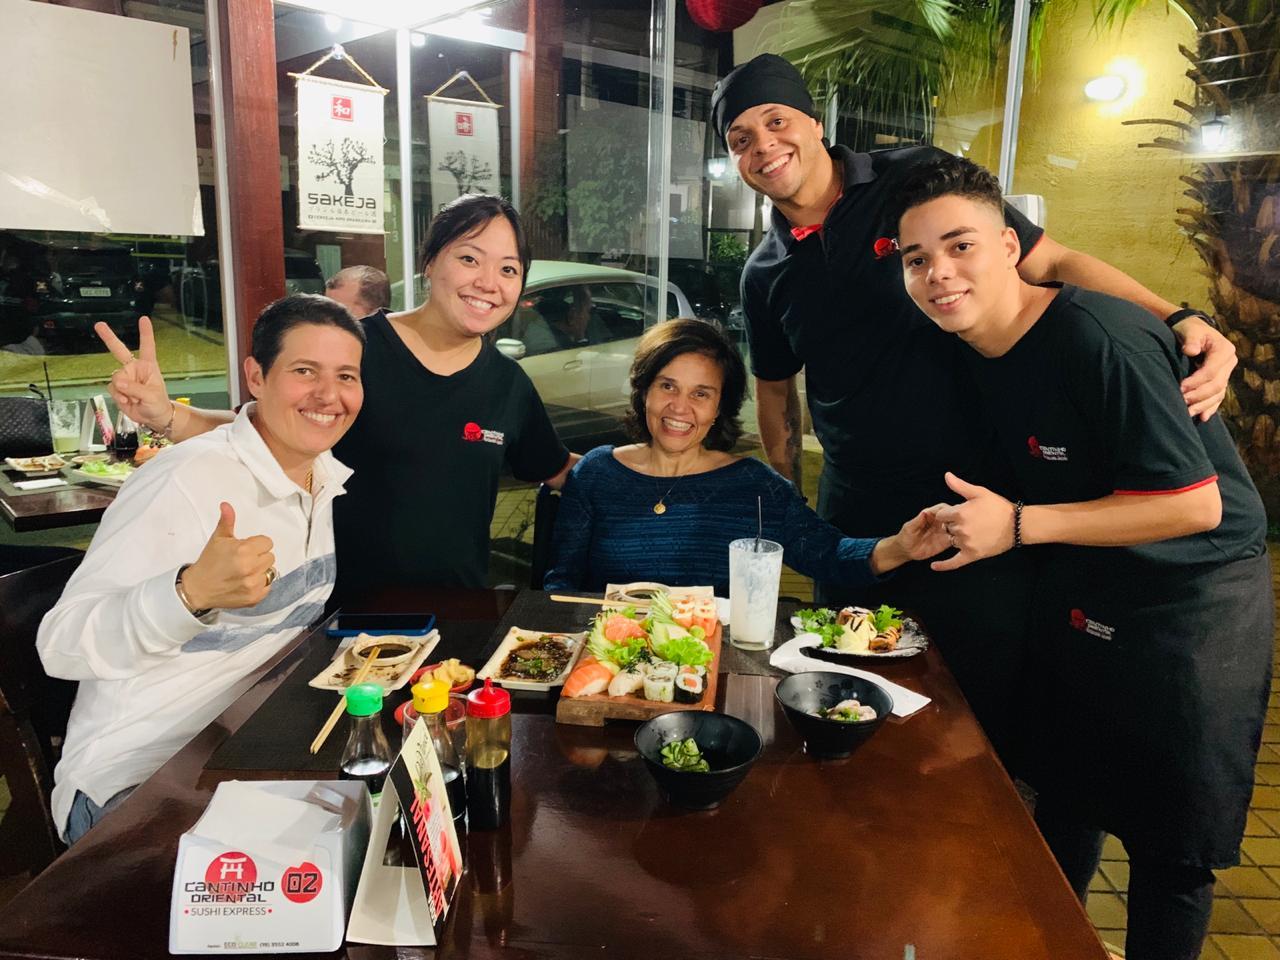 Cláudia de Souza Rodrigues, de A Diarista, tirando fotos com fãs e funcionários de restaurante japonês que foi no último fim de semana. (Foto: Divulgação)